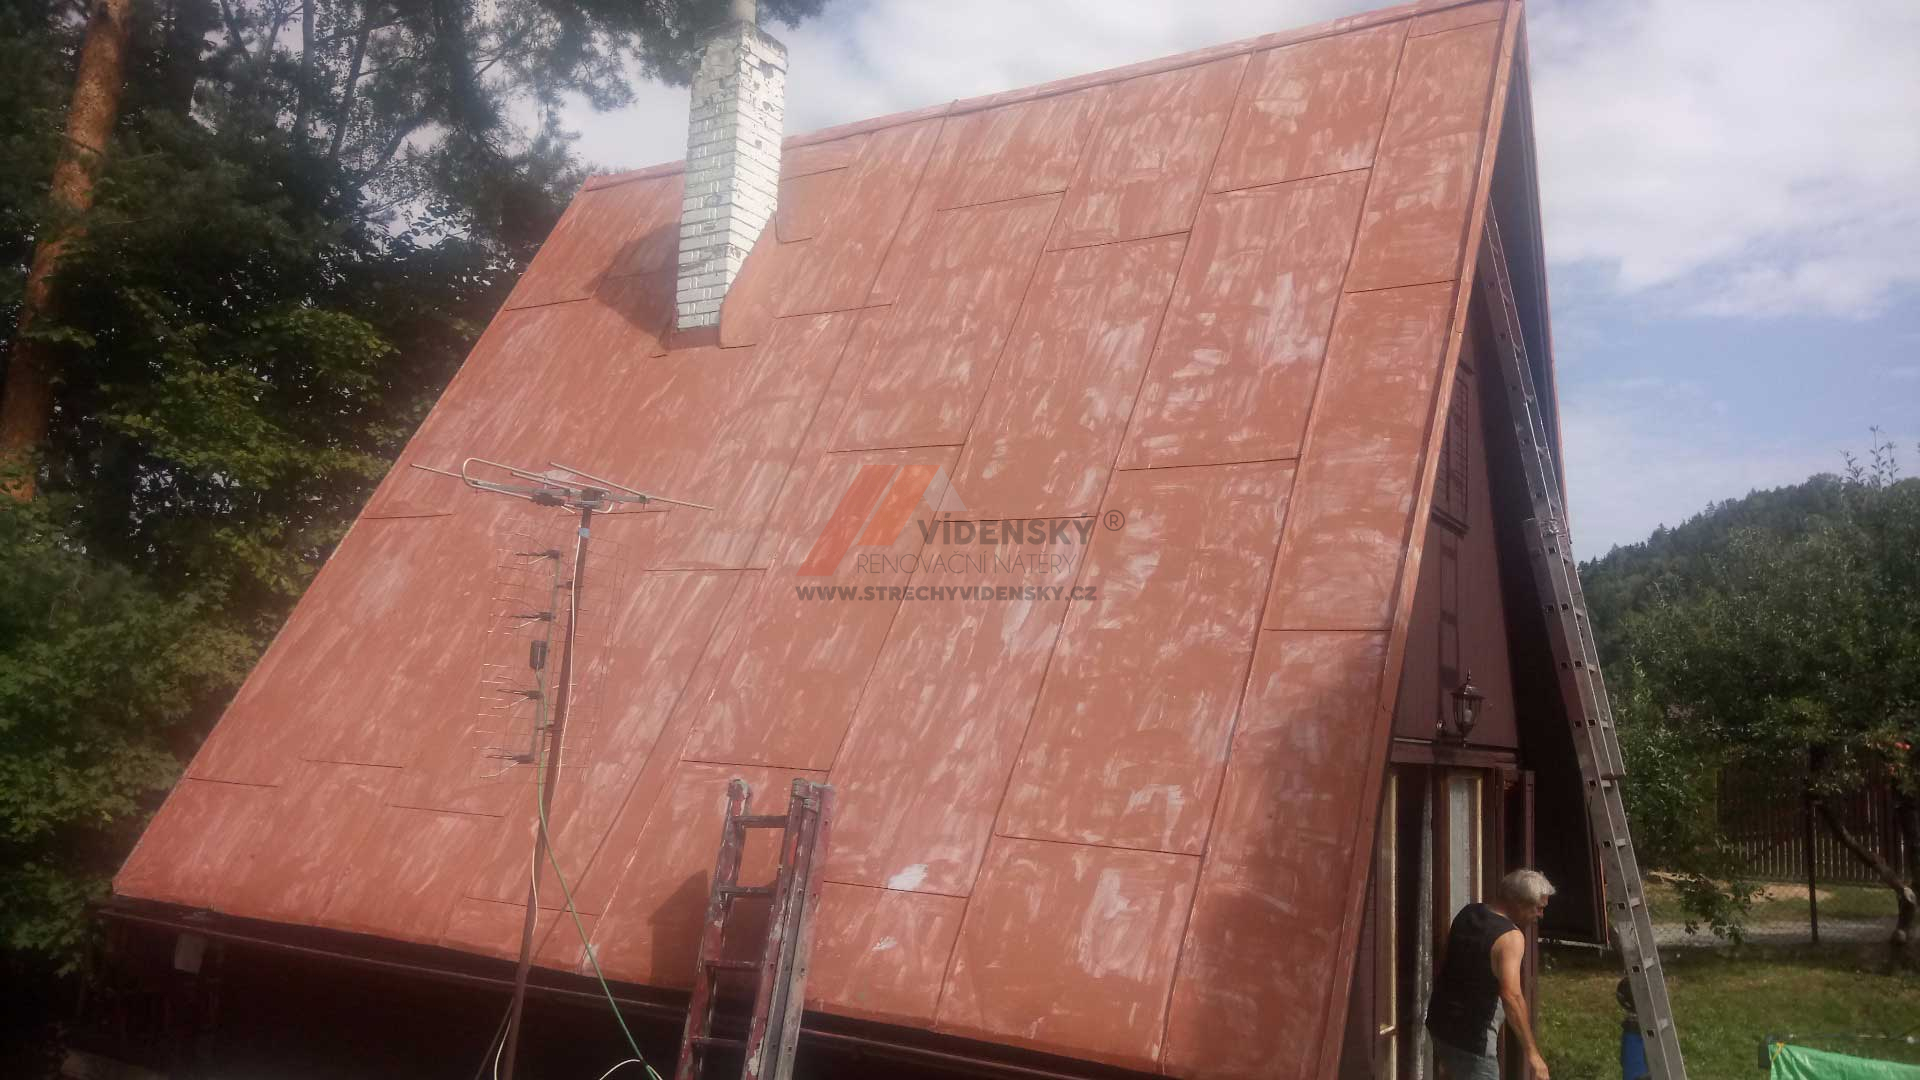 Vídenský | Renovační nátěr plechové střechy 02 - Původní stav